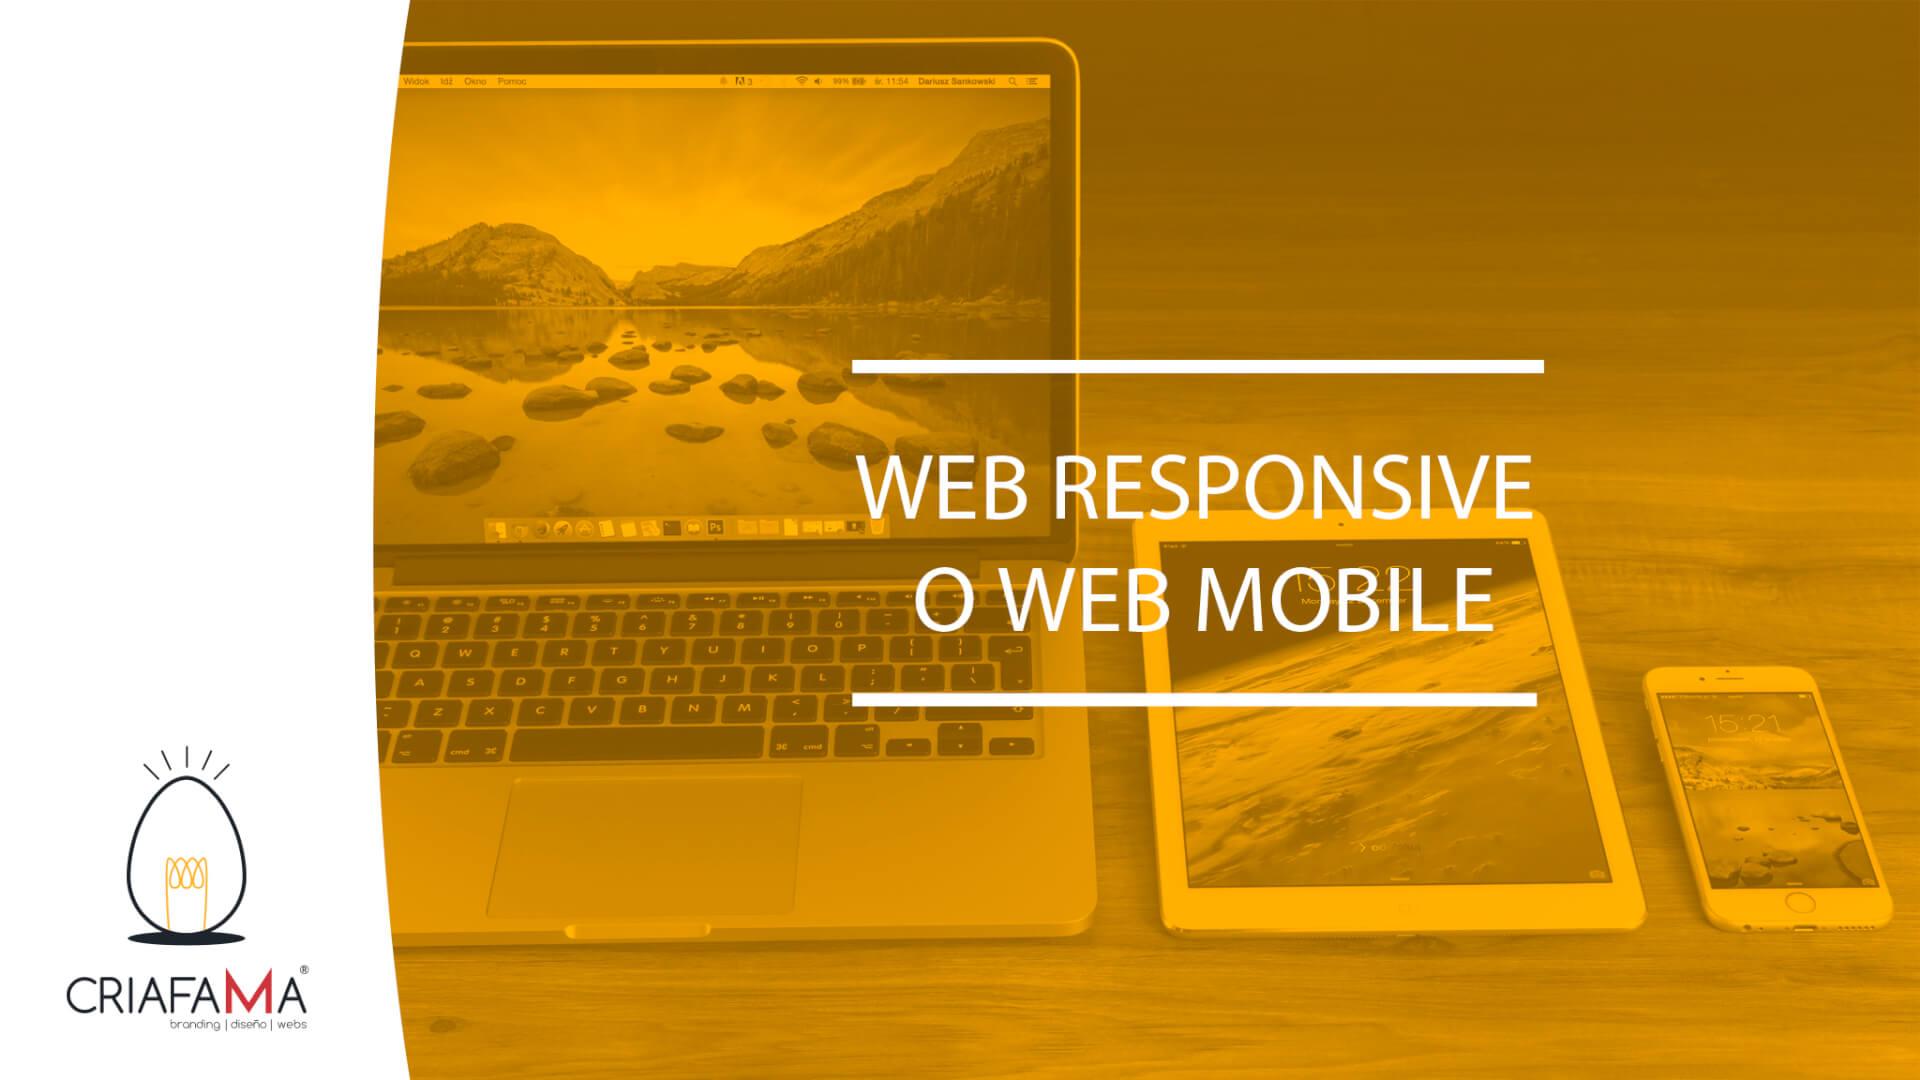 web-responsive-o-web-mobile